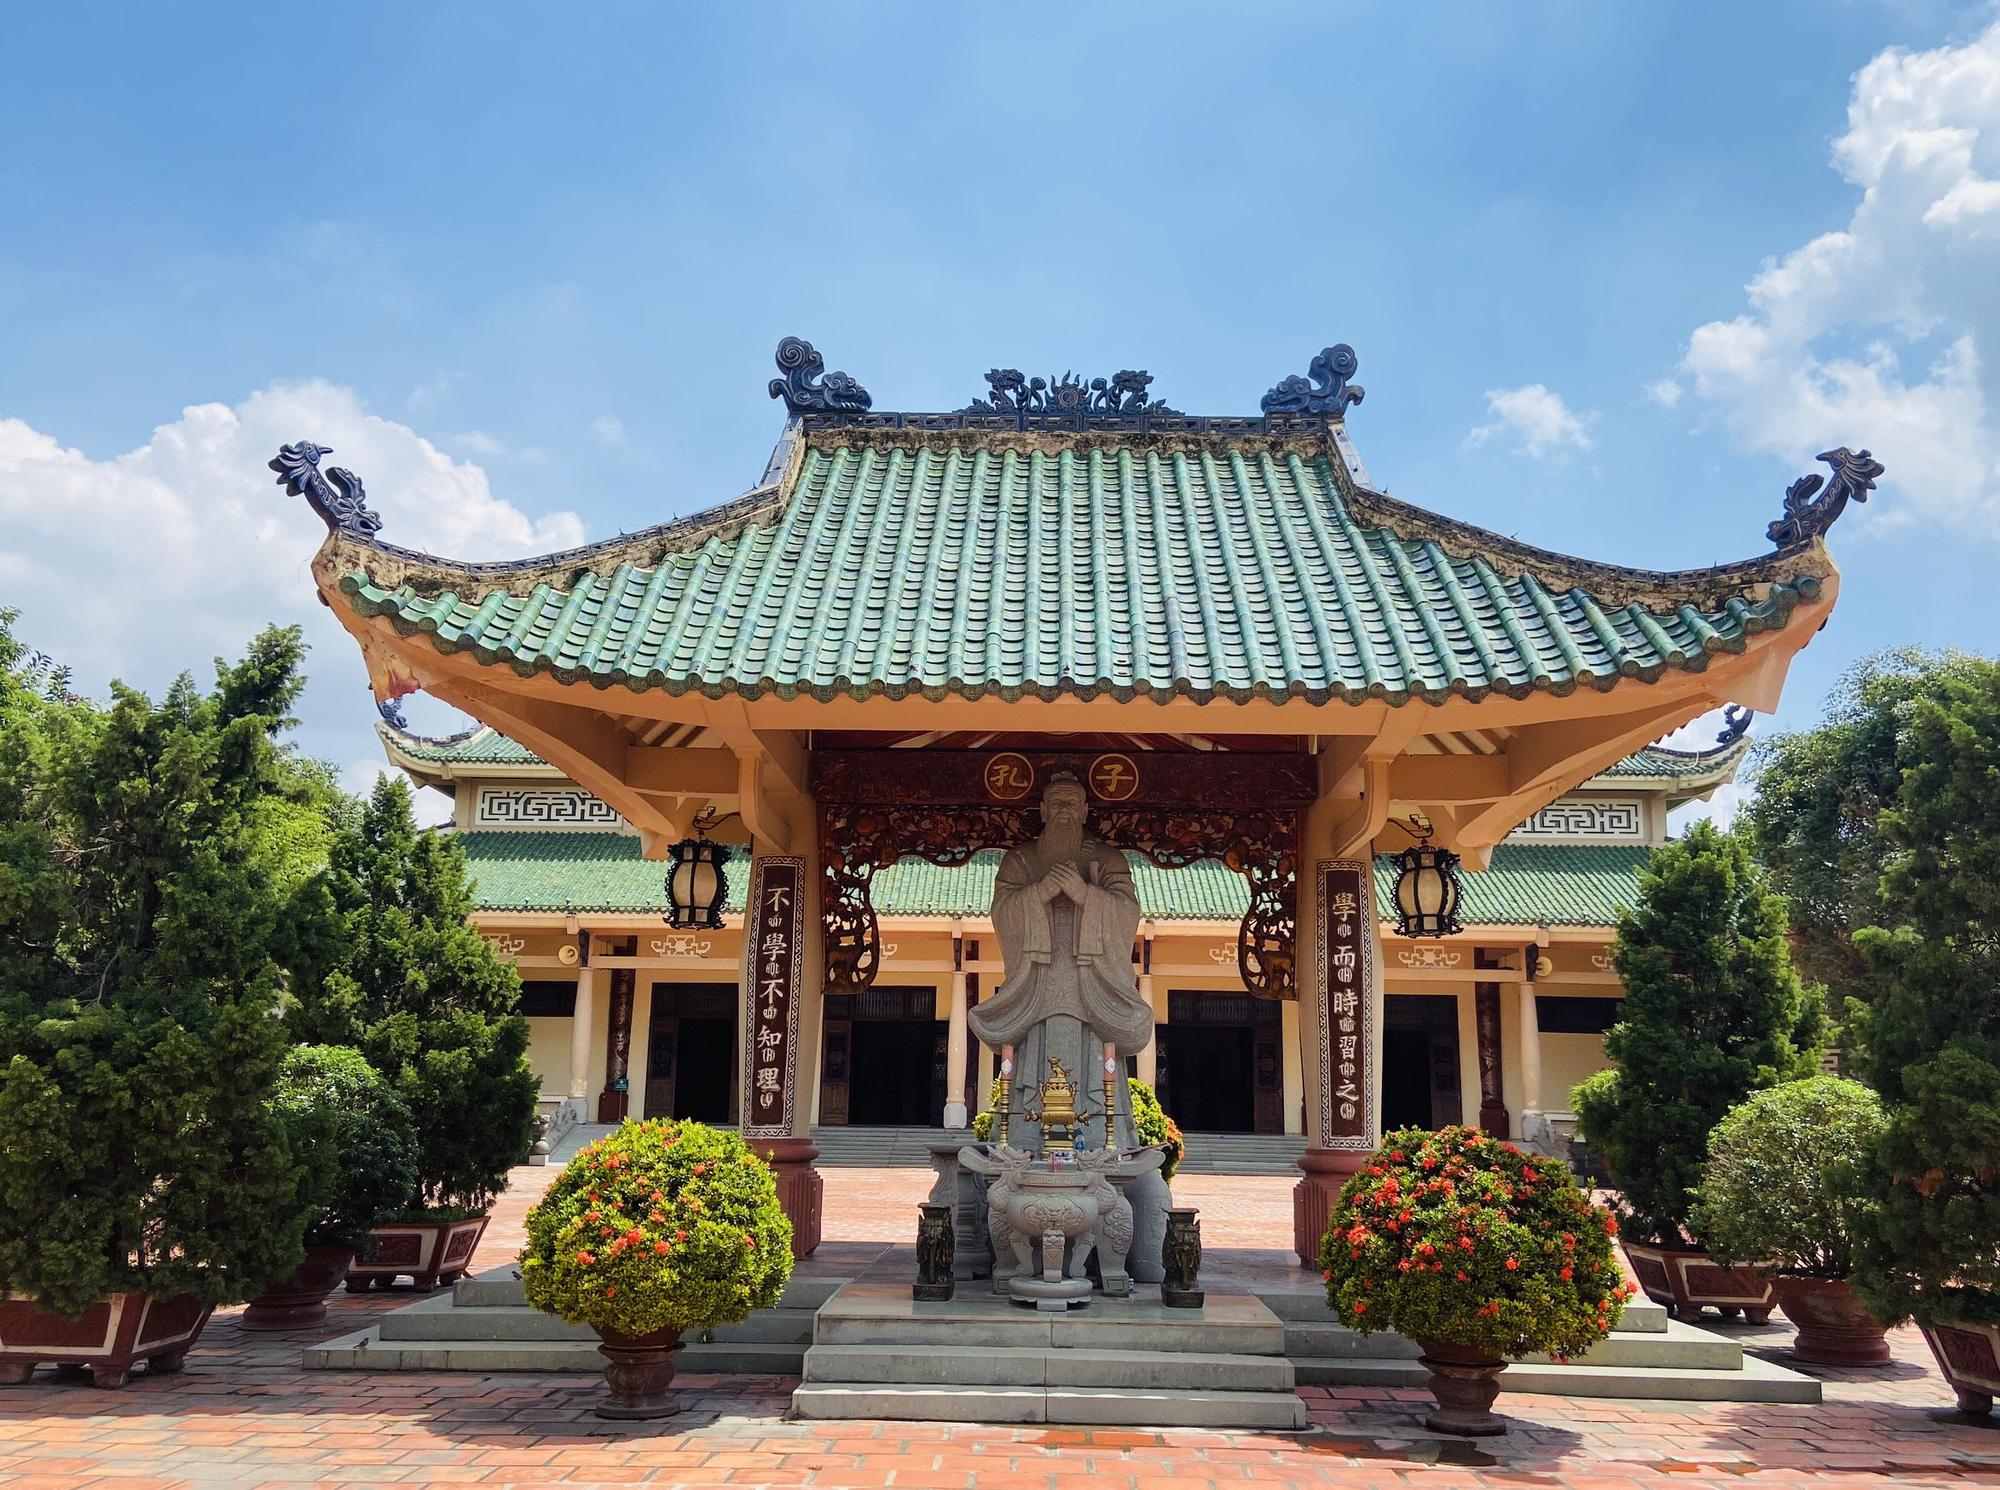 Văn miếu đầu tiên của miền Nam, nơi lưu giữ truyền thống văn hoá - giáo dục đất Biên Hoà - Ảnh 5.